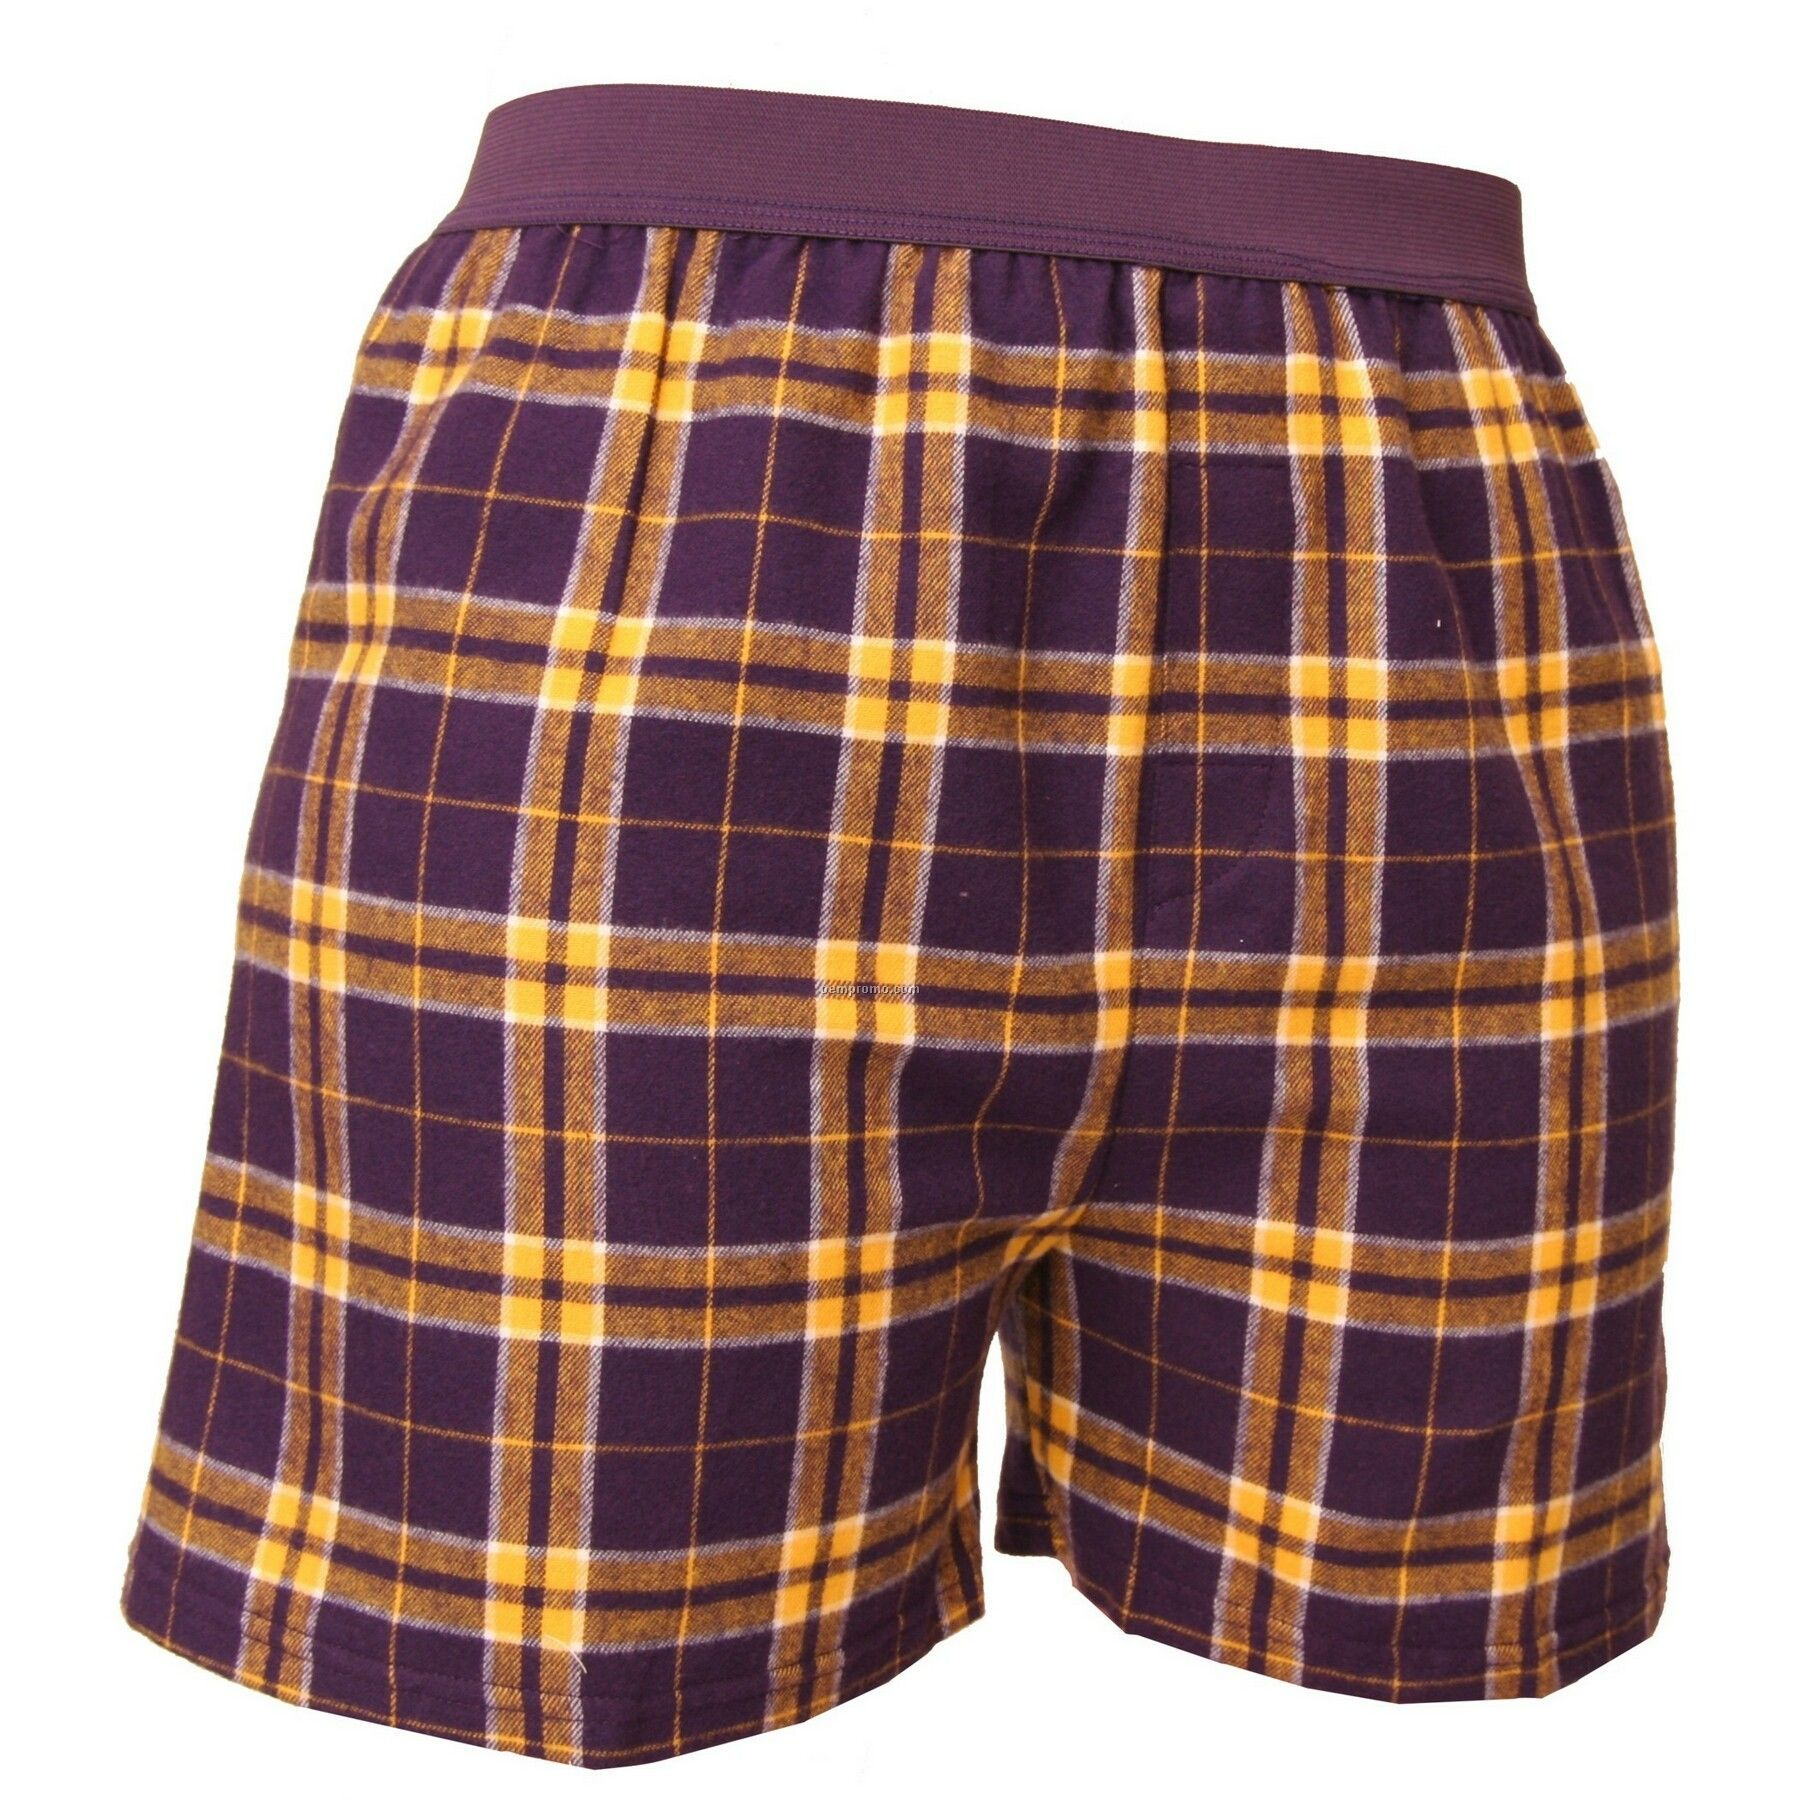 Adult Purple/Gold Plaid Classic Boxer Short